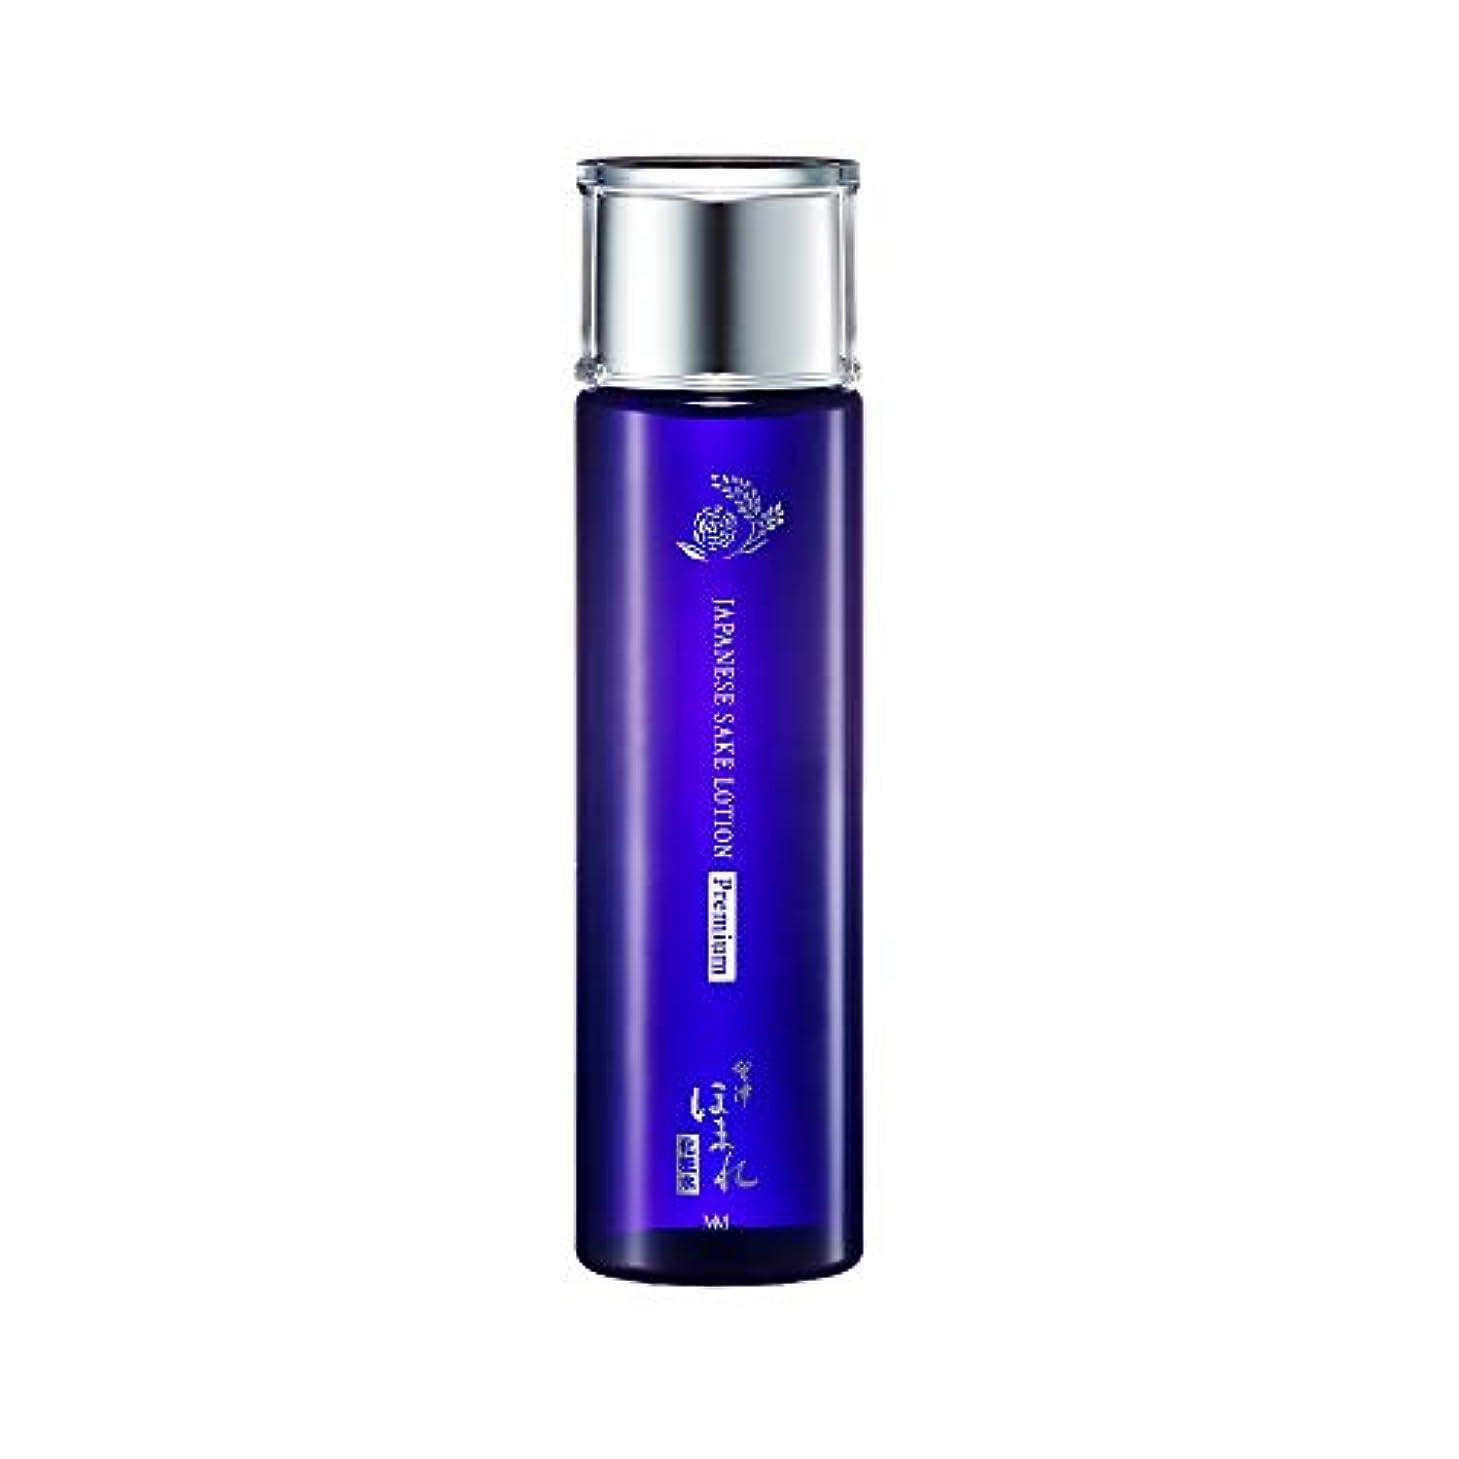 居心地の良い技術者葡萄日本ゼトック ほまれプレミアム化粧水 150mL